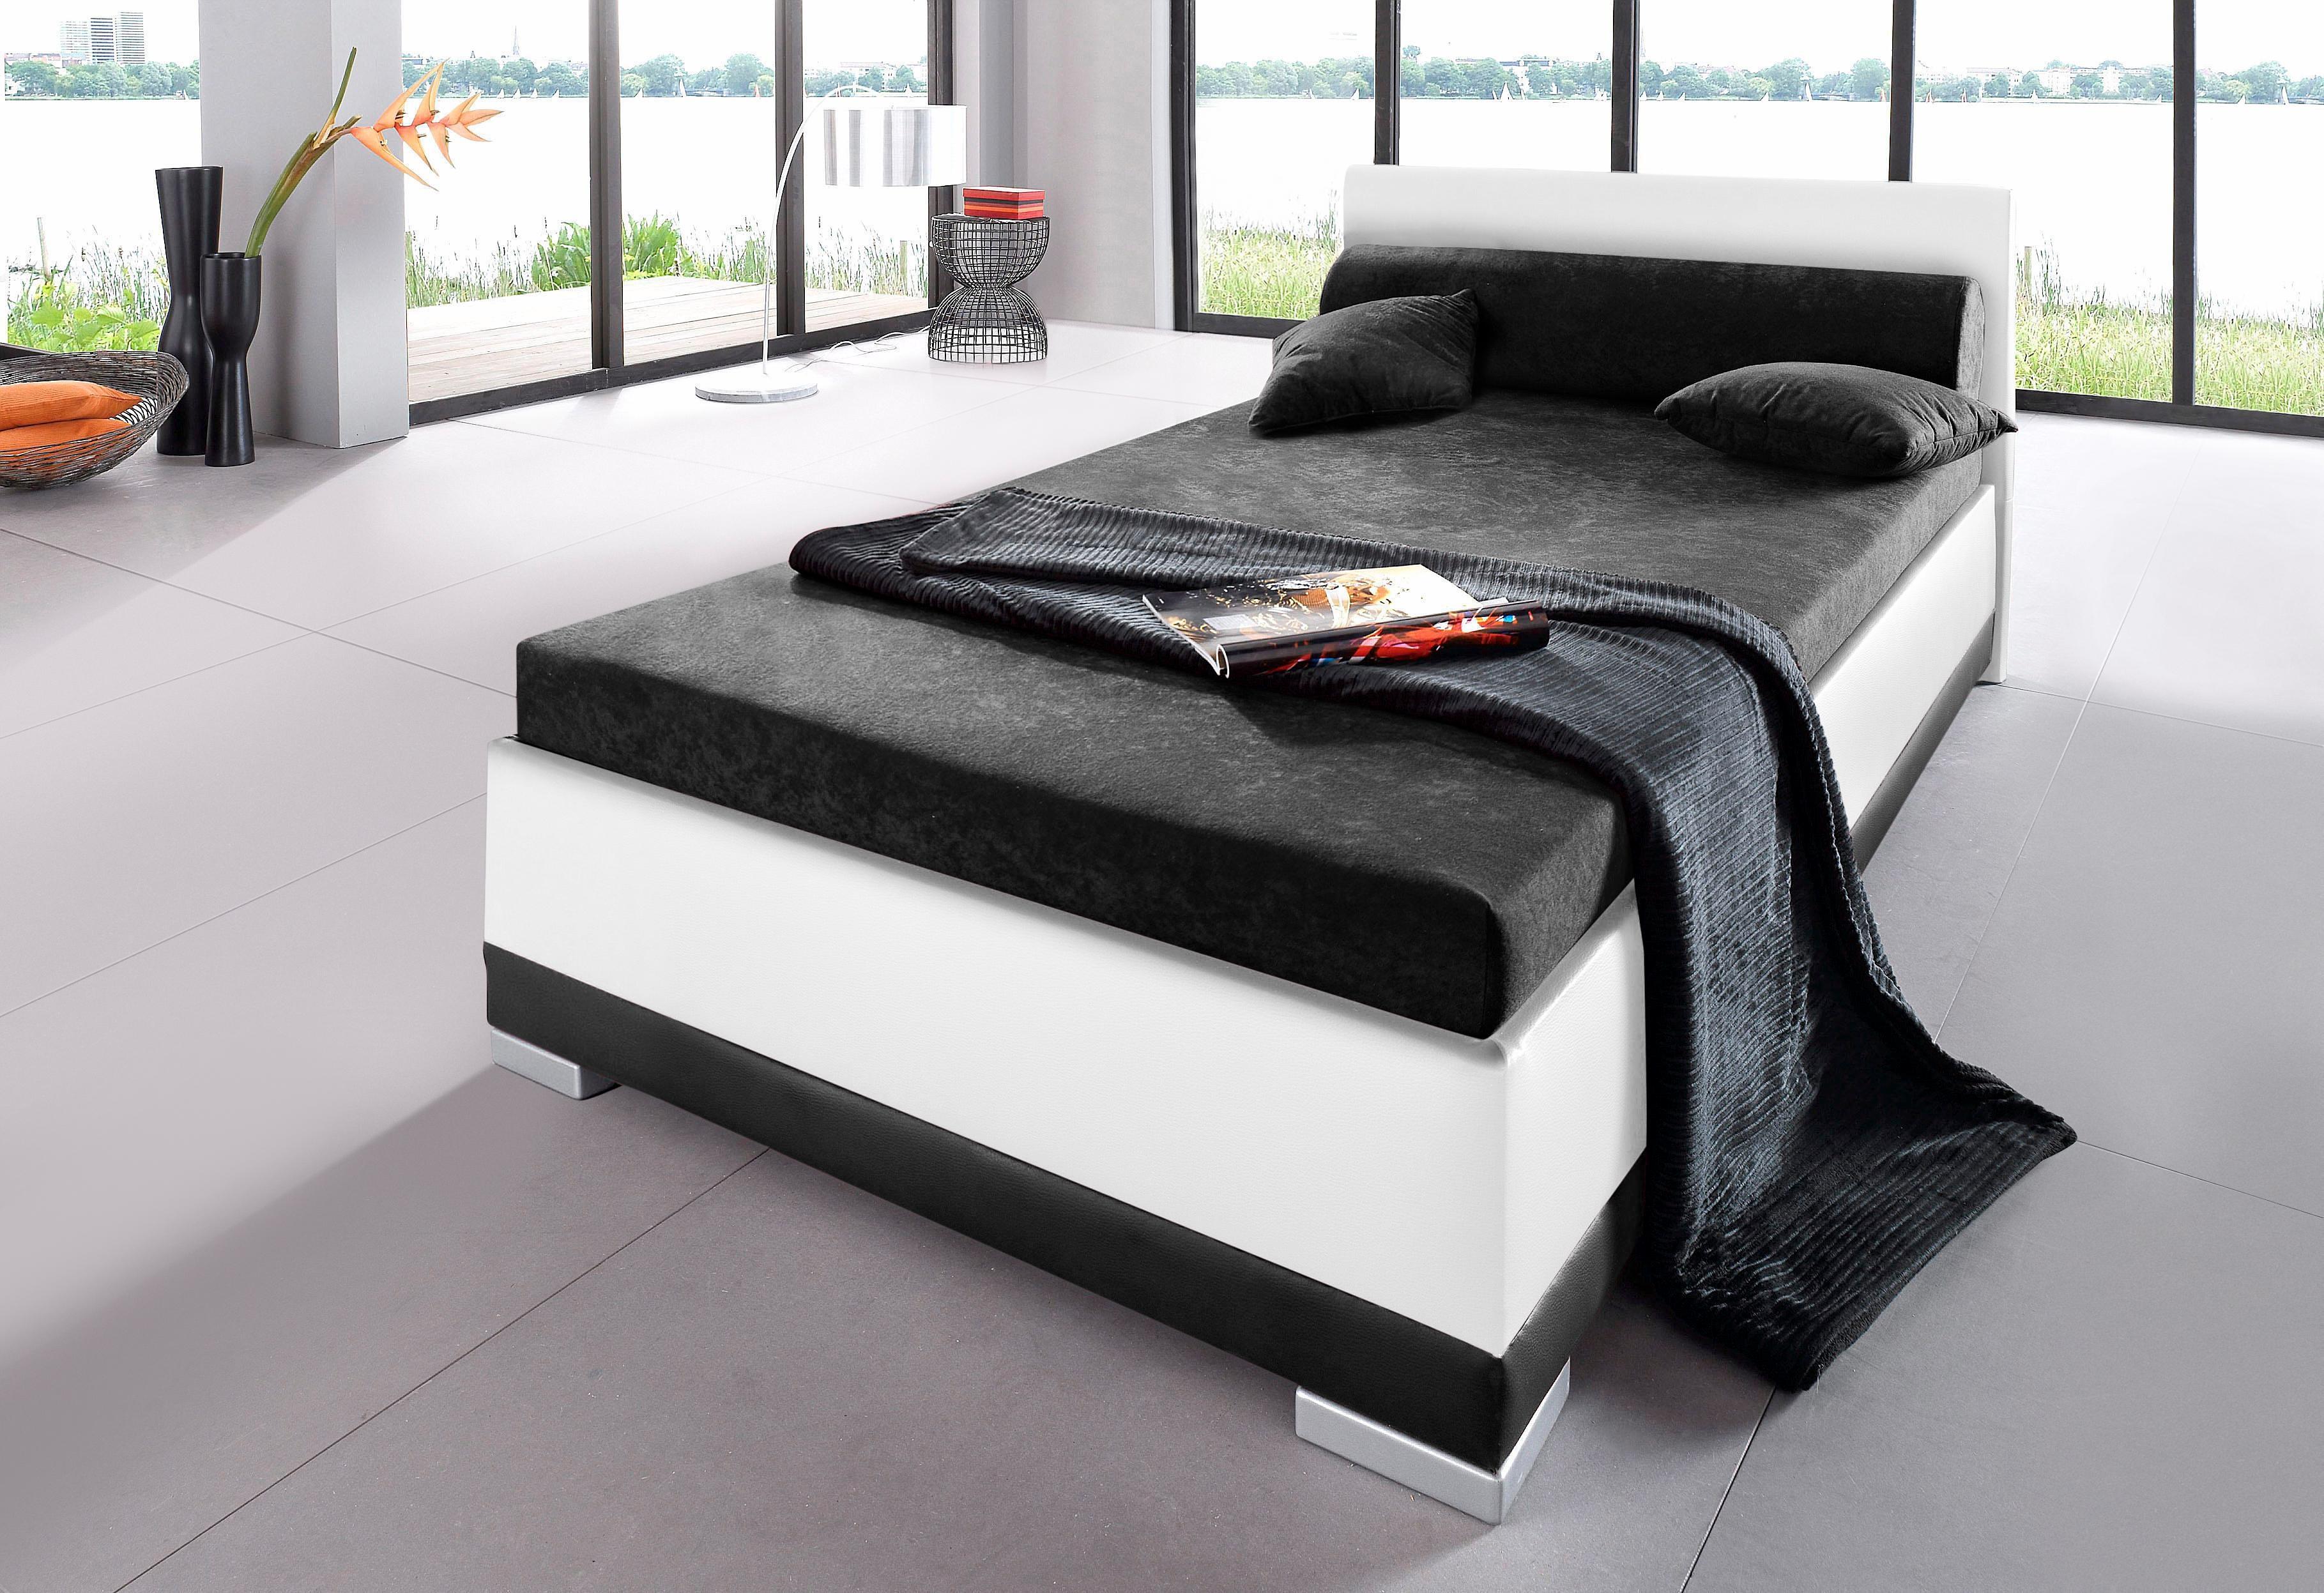 Op zoek naar een Maintal Bed, imitatieleer, in 4 verschillende uitvoeringen, Made in Germany? Koop online bij OTTO